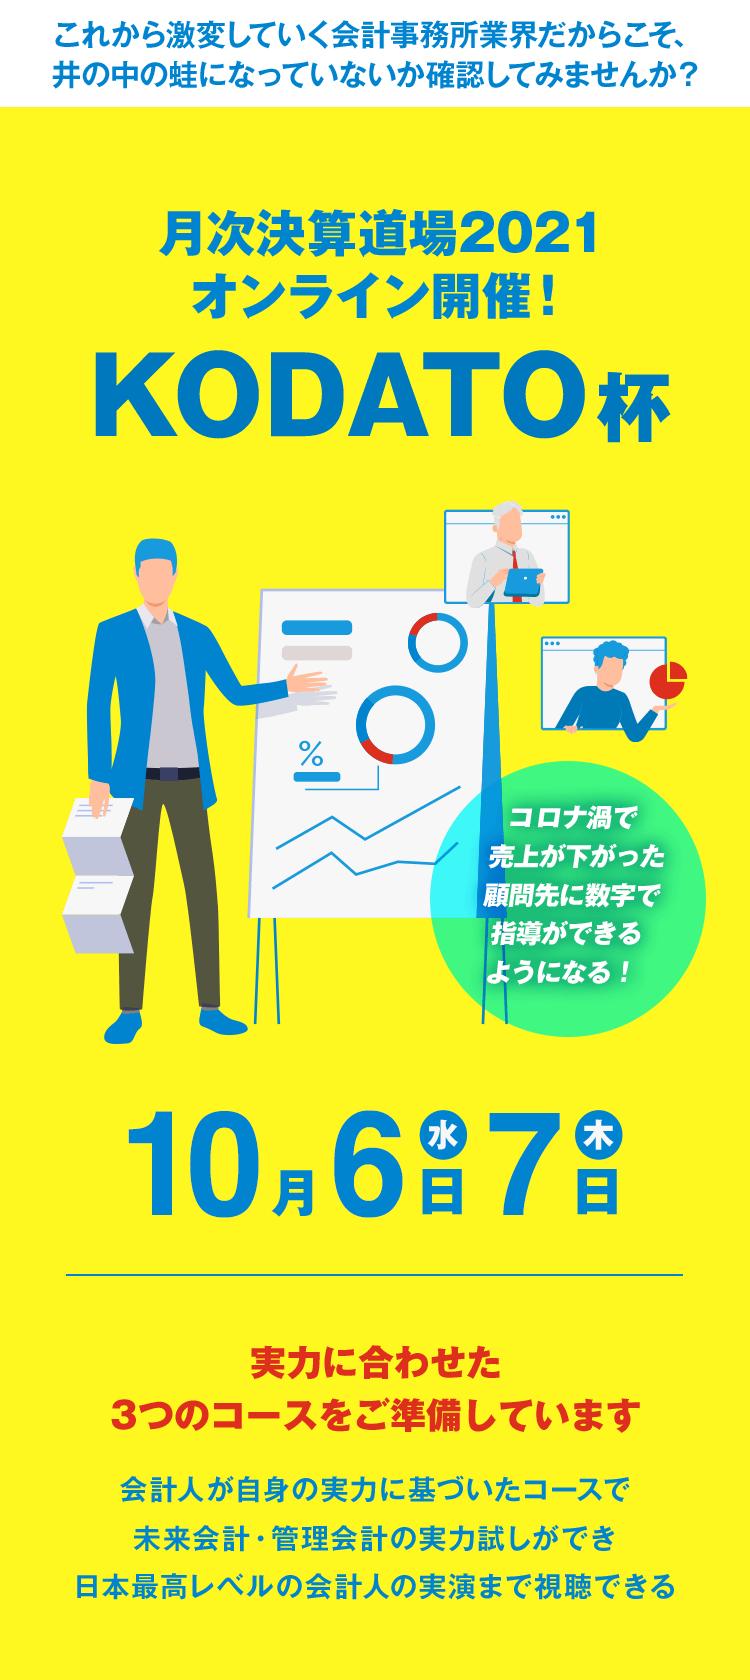 月次決算道場2021オンライン開催!KODATO杯